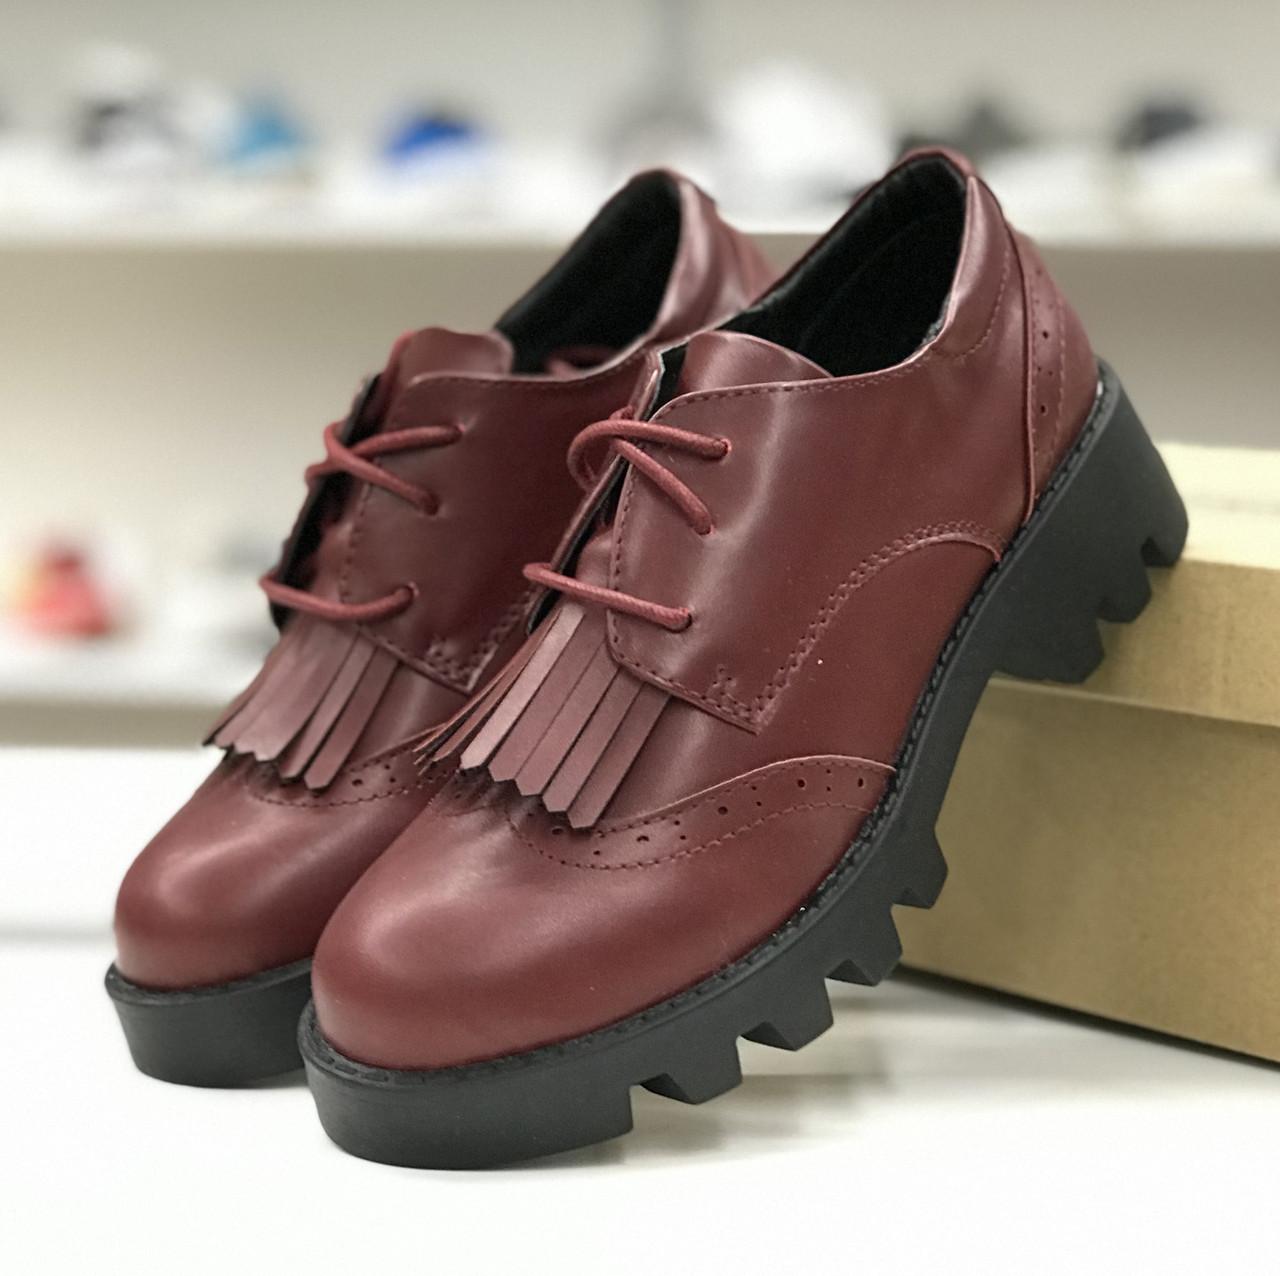 835702ad7 Туфли на платформе Friboo р 31. Детская осенняя обувь